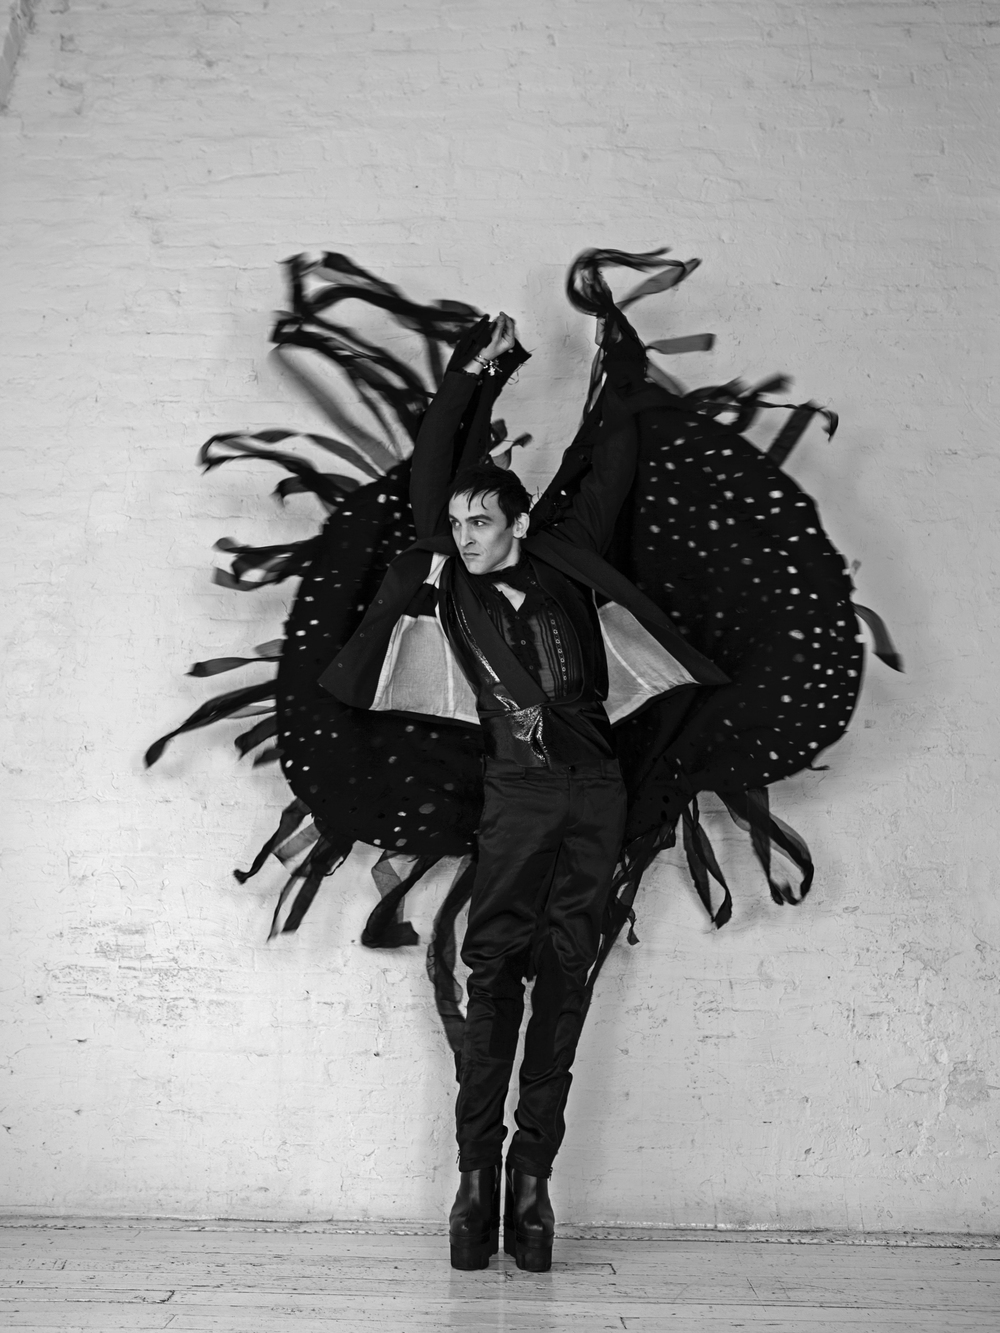 Blazer & Pants  Dior Homme  / Cape  Geoffrey Mac  / Shirt  Saint Laurent  / Vest  Andrew Morrison  / Boots  Chromat  / Cuff  Haze Star  / Bracelet  Bunny Paige